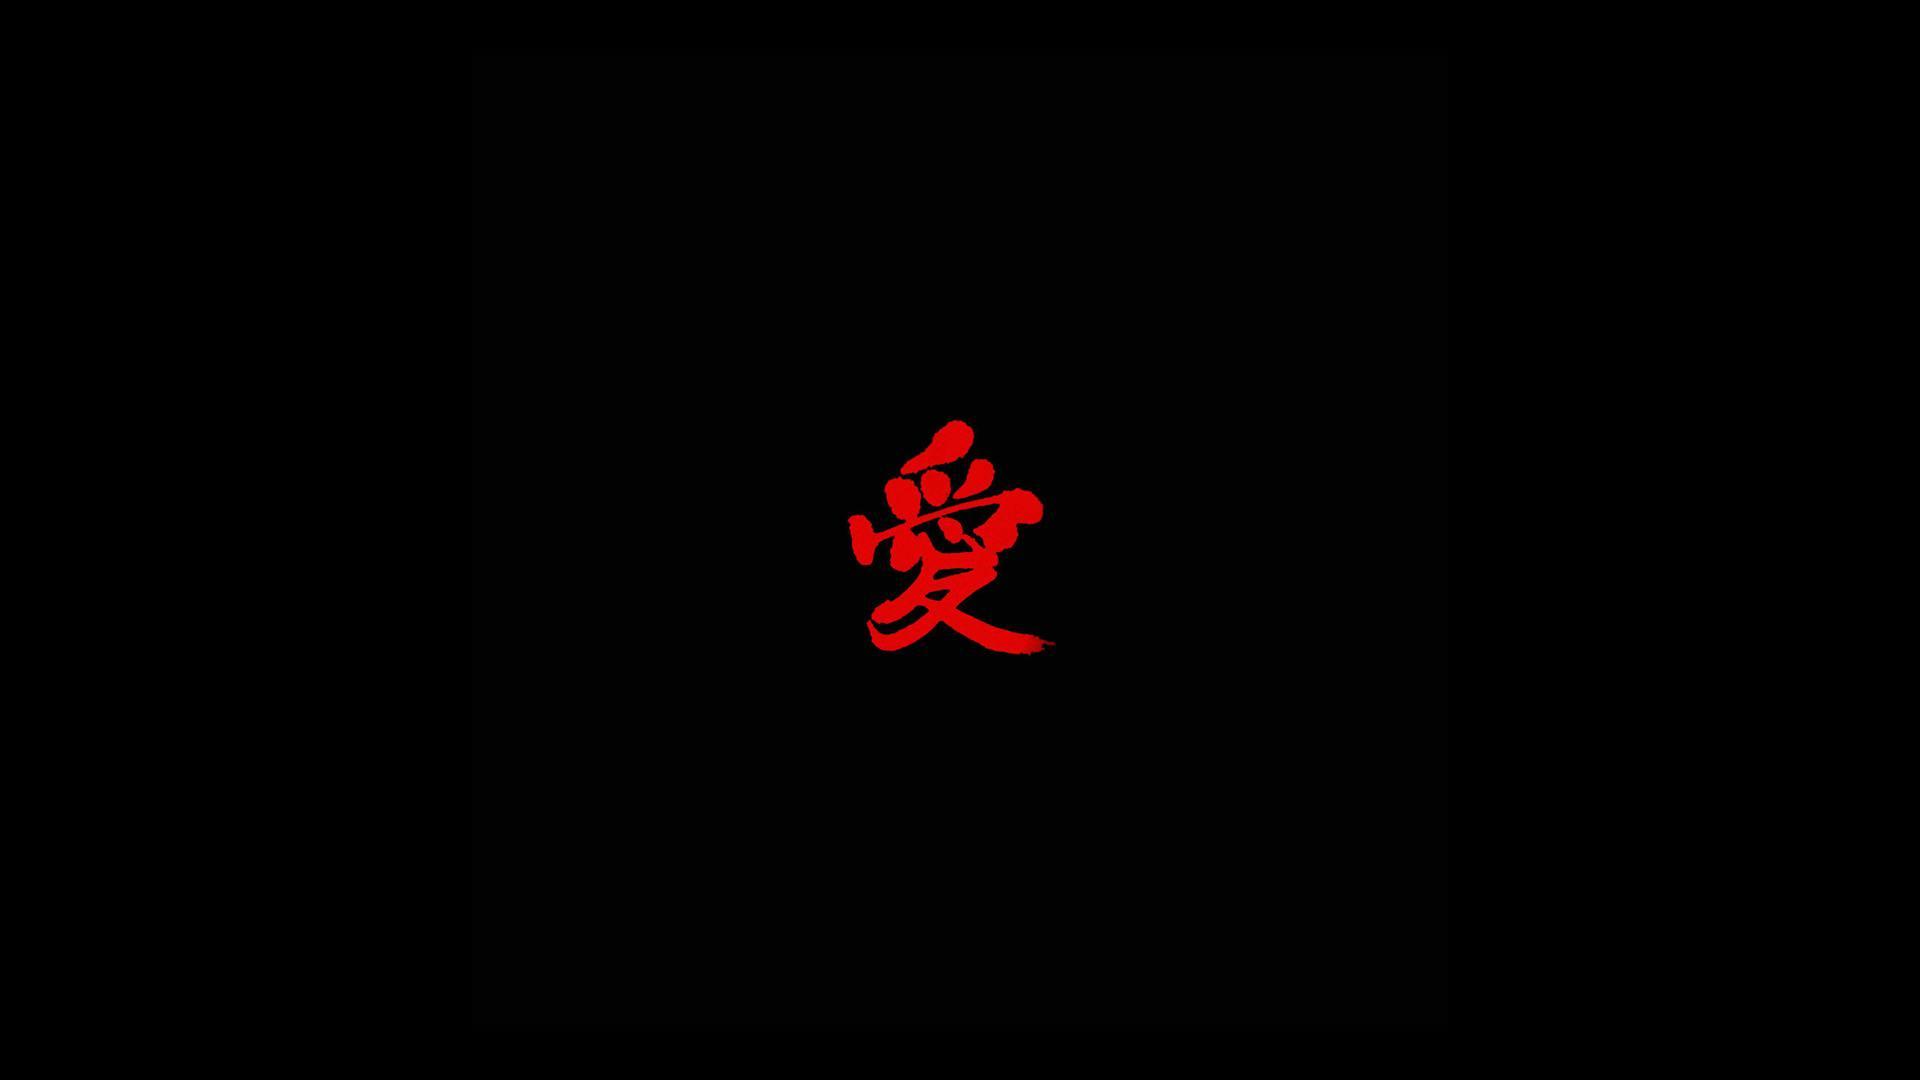 イラスト愛黒赤 Wallpaper Sc Desktop